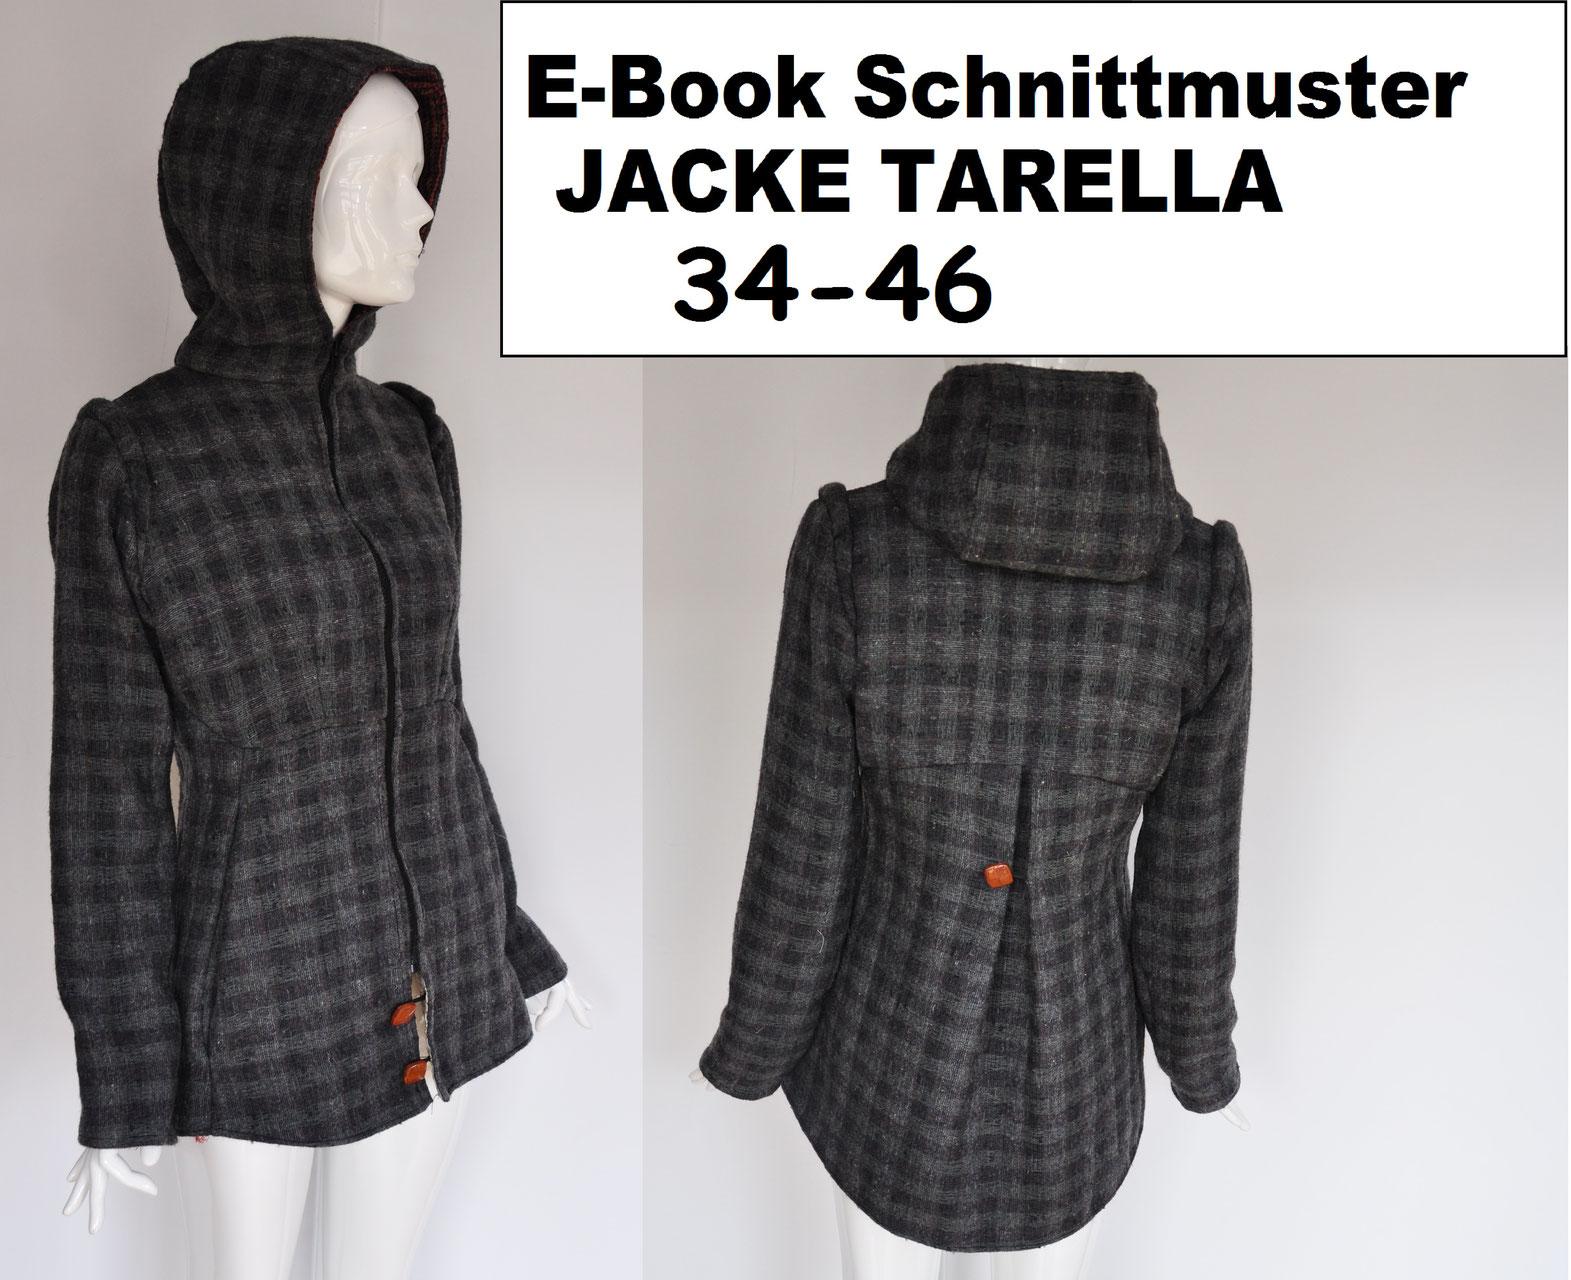 E-Book/ Schnittmuster für Jacken und Mäntel - Schnittmuster von ...